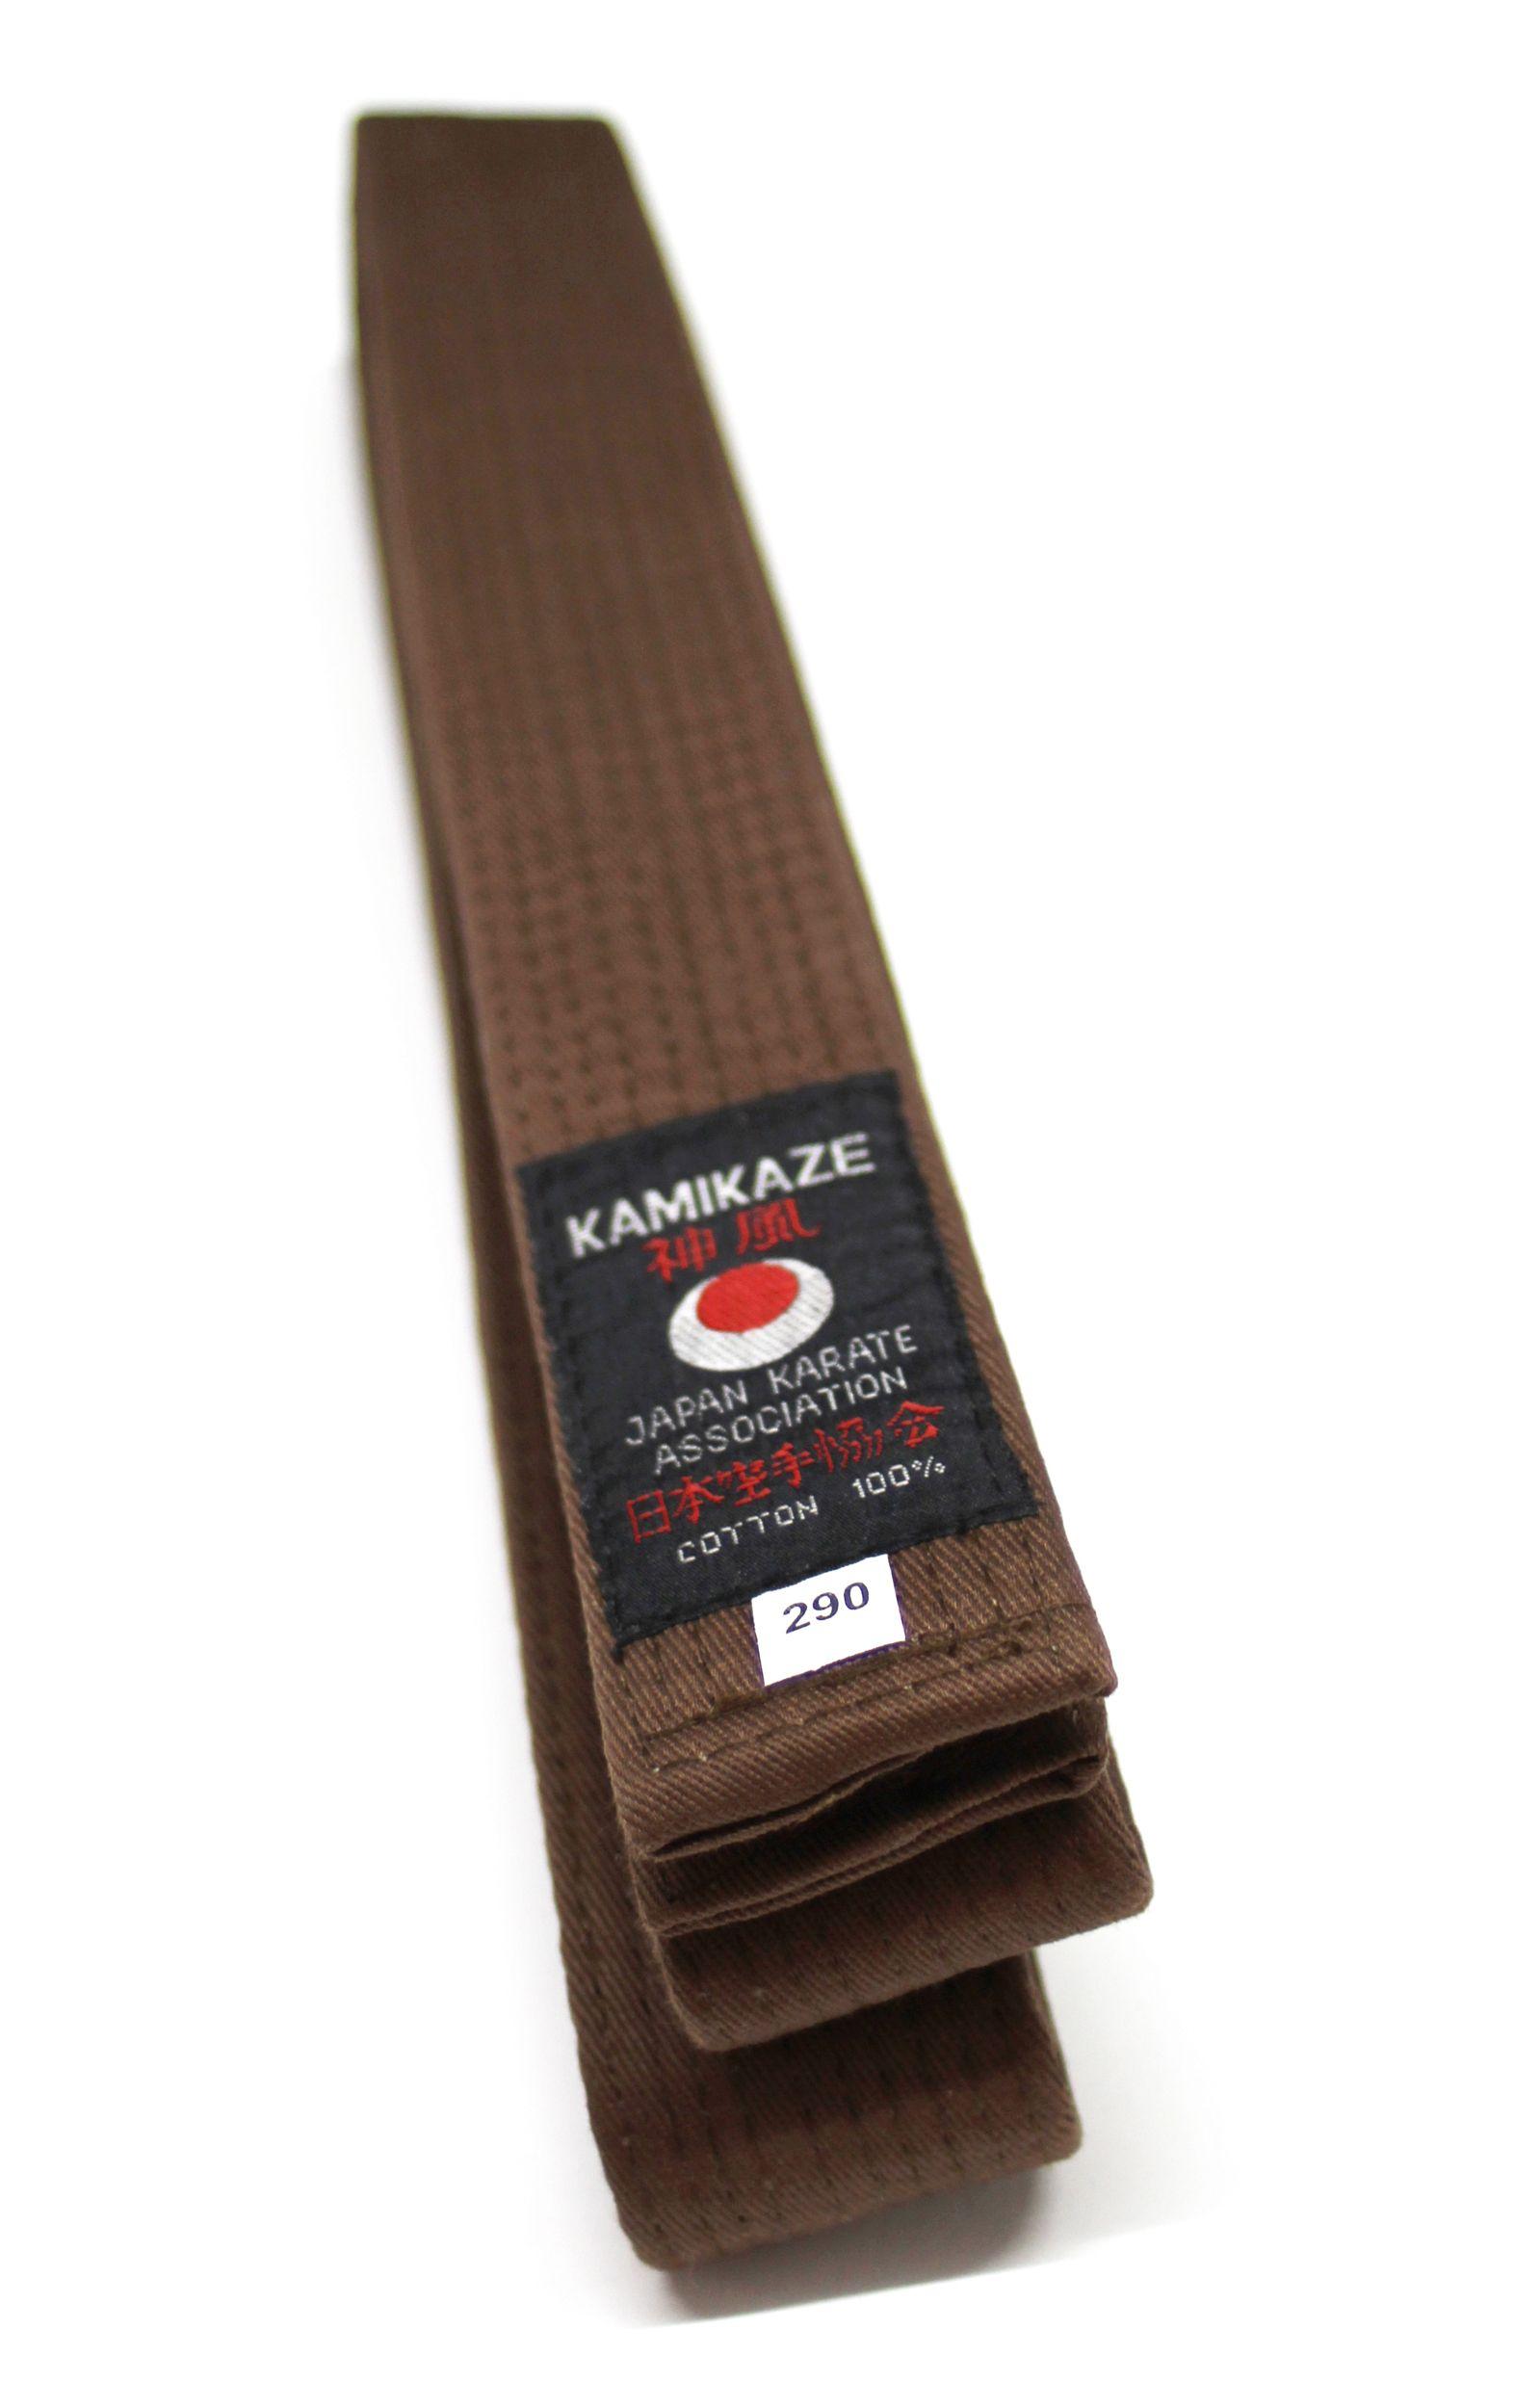 16996b97627 Ceinture KAMIKAZE marron coton de première qualité - Premierdan.com Shop  online Karate Kobudo